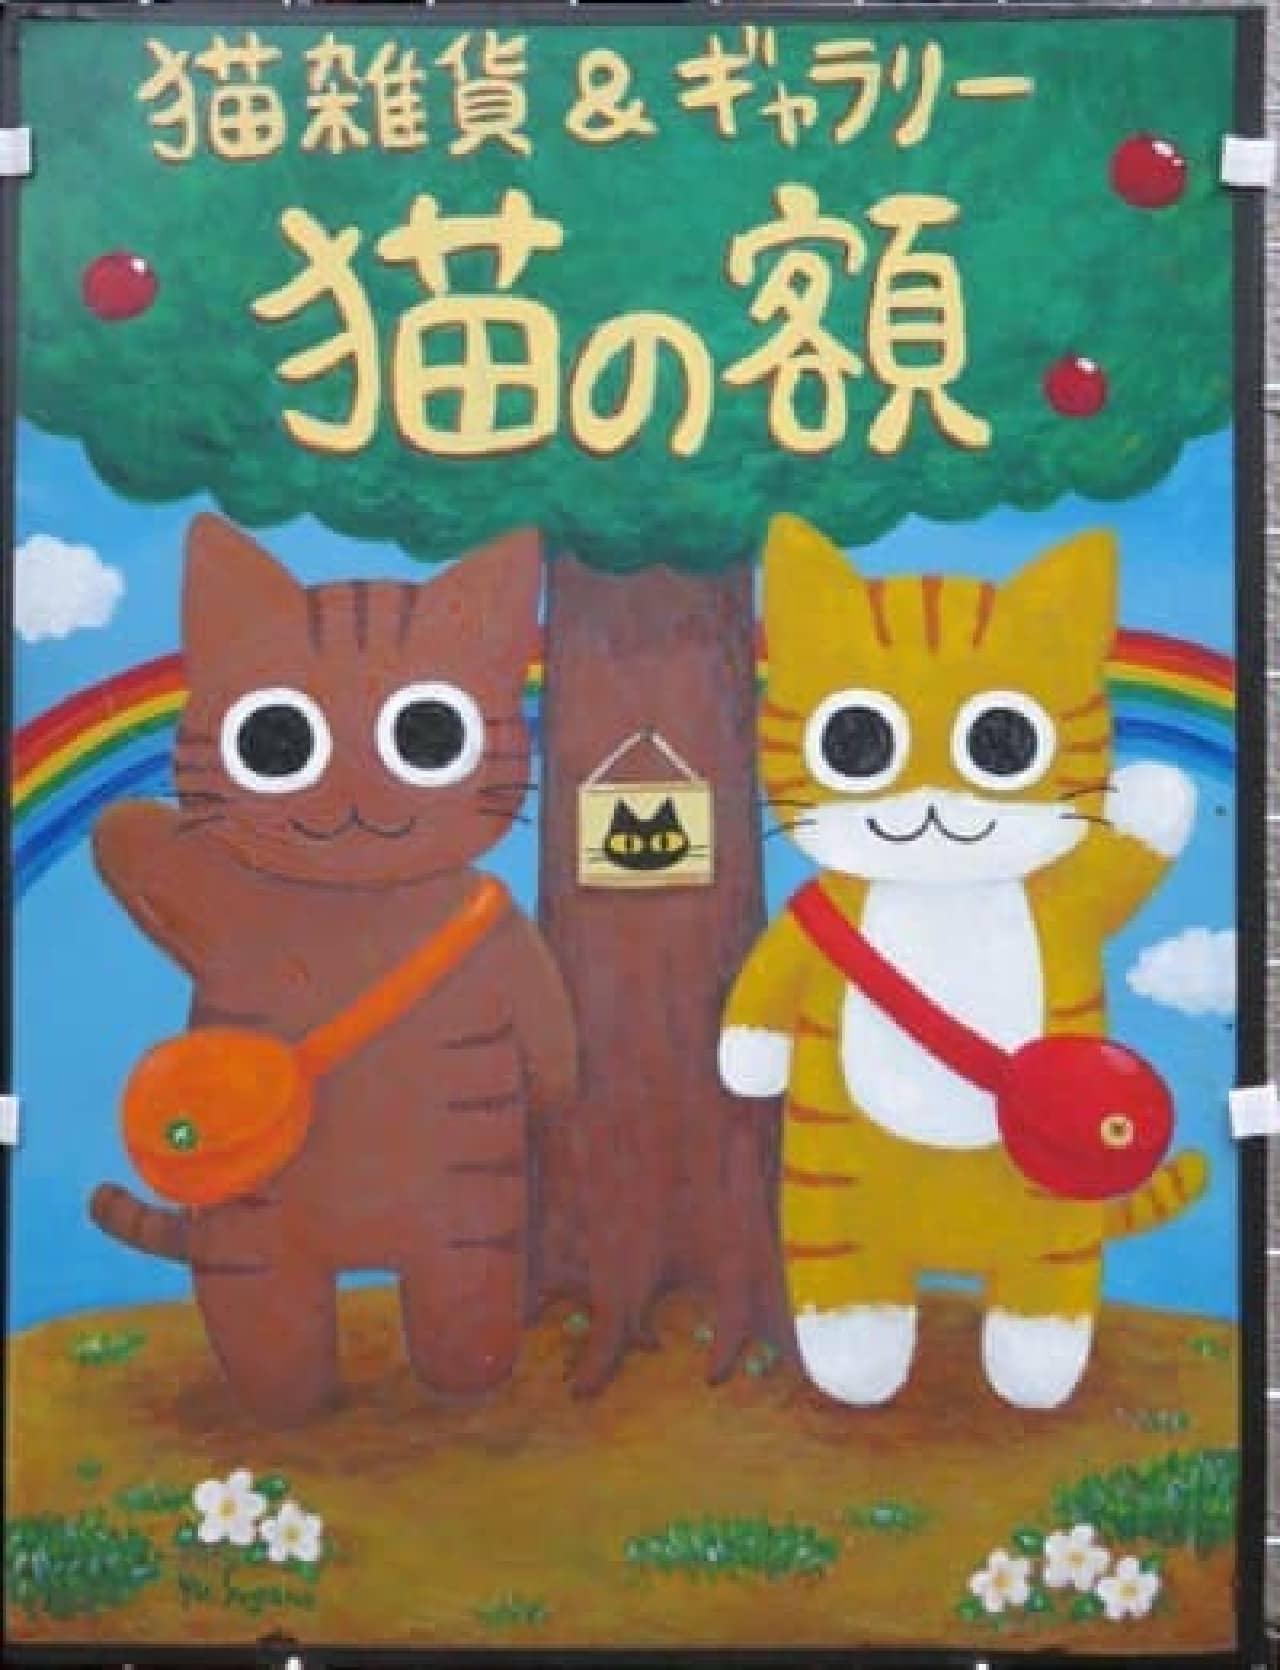 猫雑貨&ギャラリー「猫の額」へ猫雑貨を探しに!